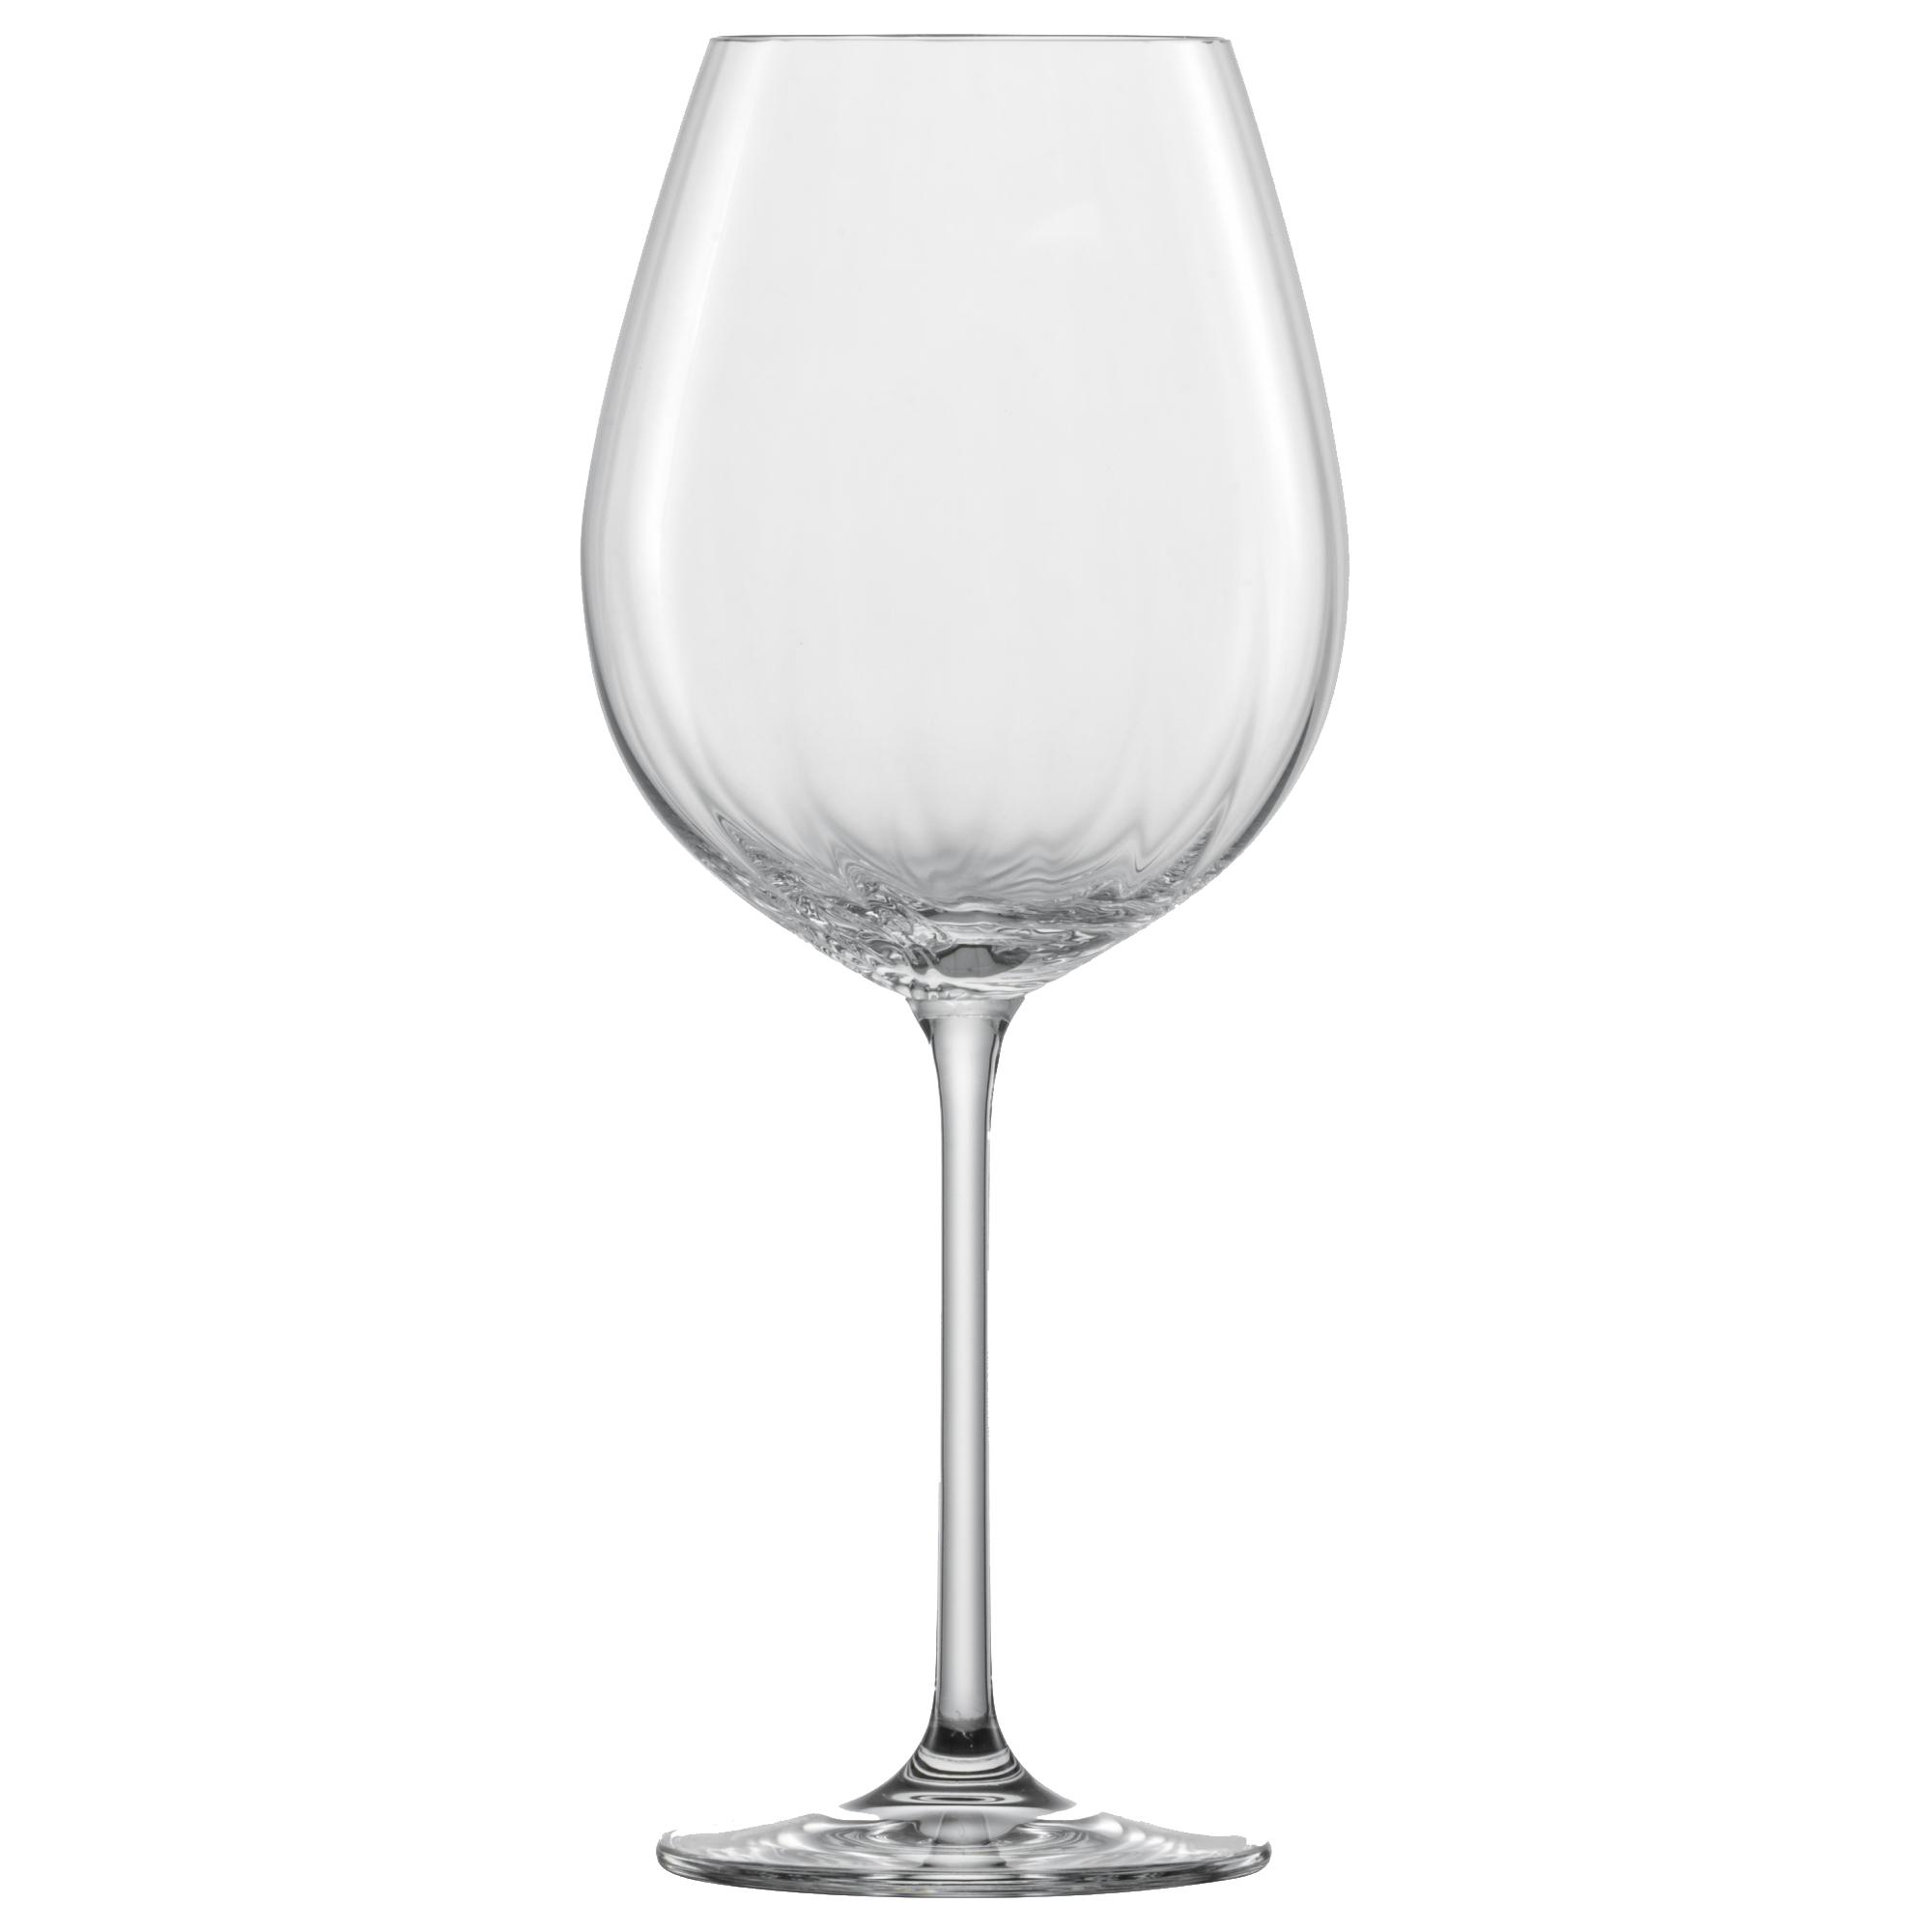 Фото - Набор бокалов для красного вина Schott Zwiesel Prizma 613 мл 2 шт набор бокалов для красного вина schott zwiesel prizma 561 мл 6 шт